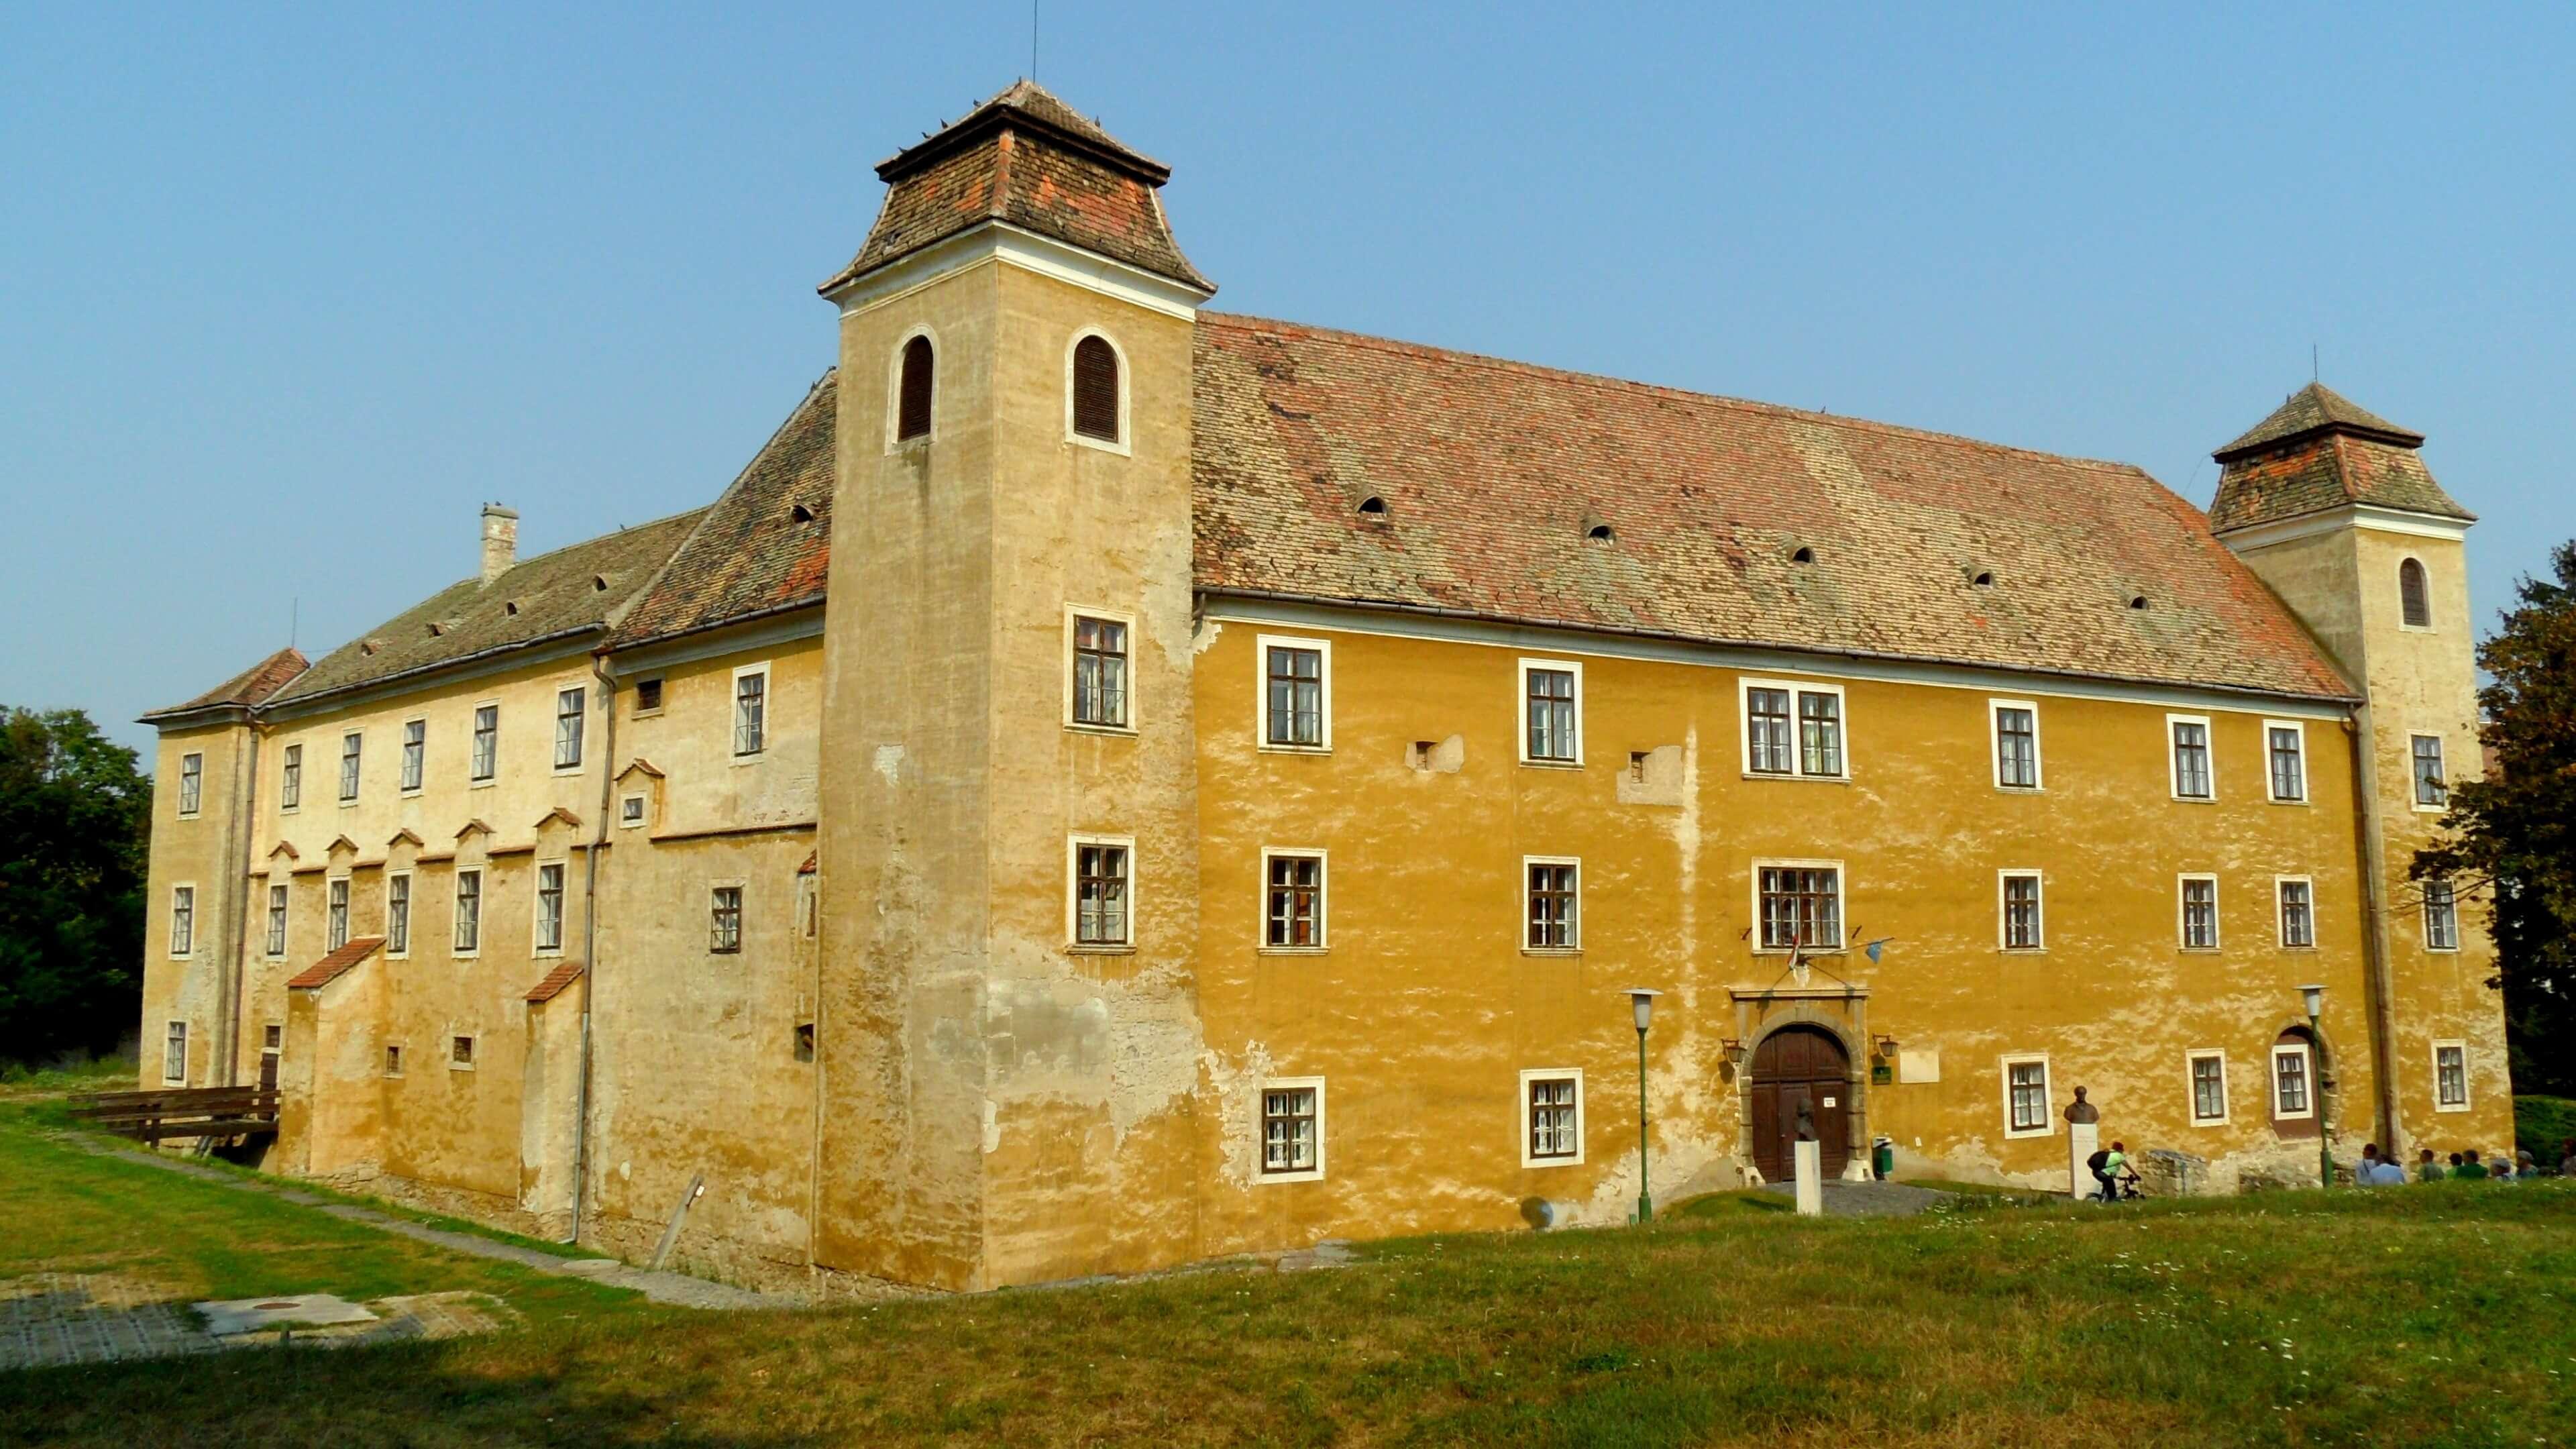 Turisztikai beruházásban újul meg Mosonmagyaróvár 400 éves vára